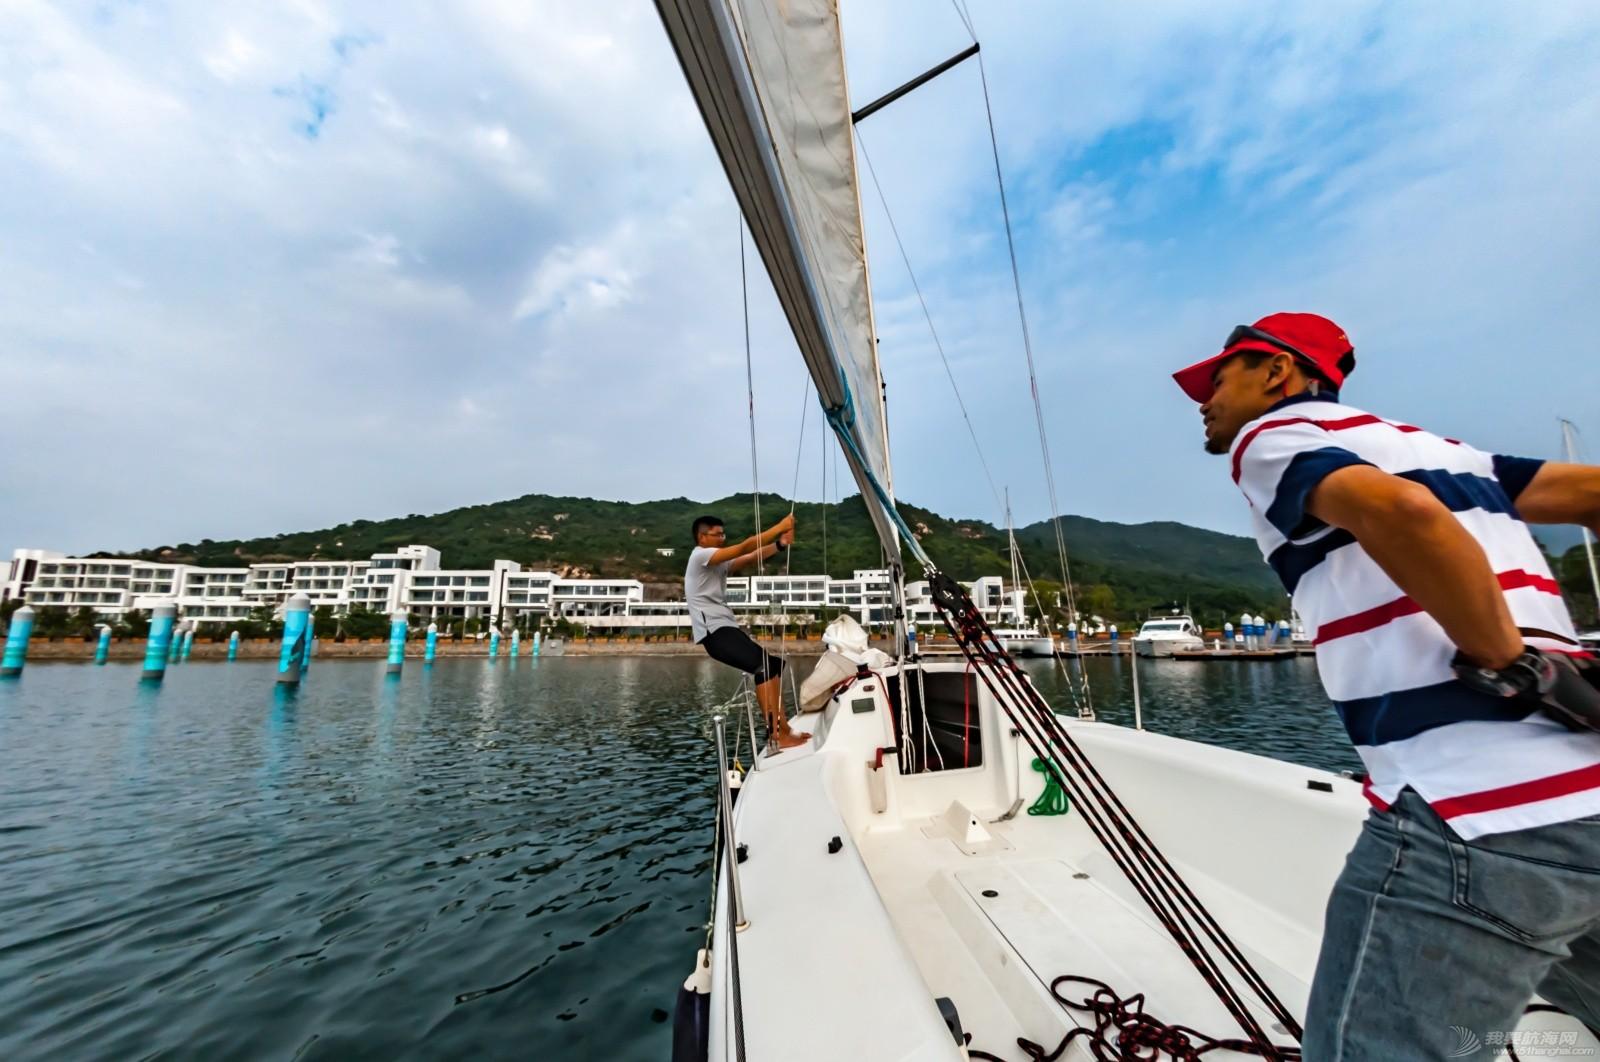 帆船 【2015大鹏杯帆船赛】鱼眼看航海 16048.jpg